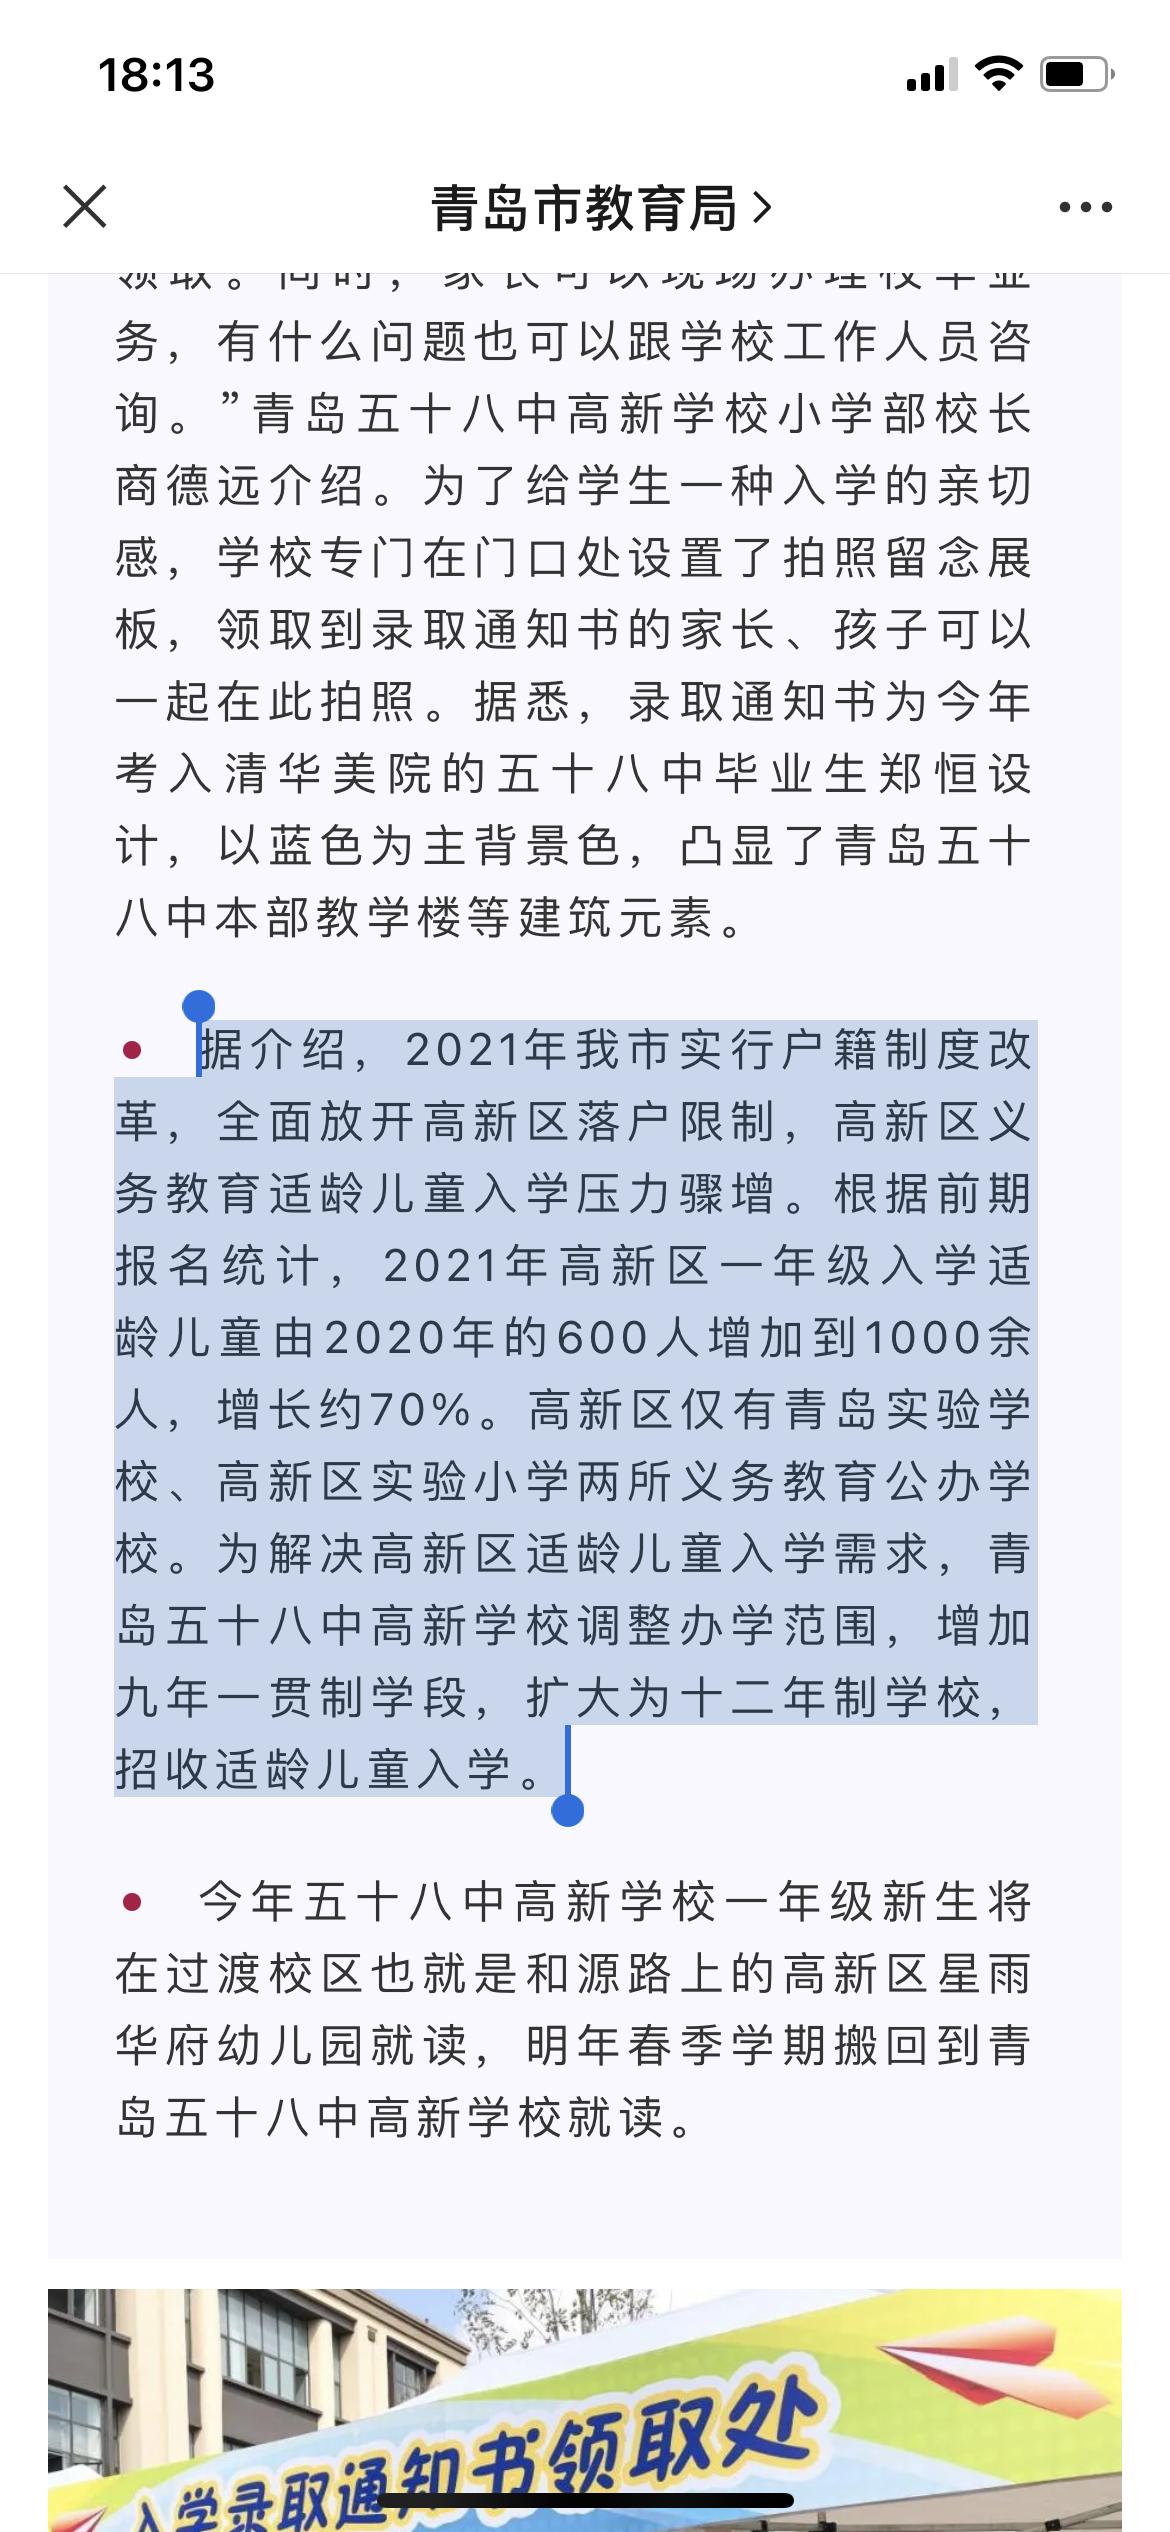 8月4日,青岛市教育局官方微信发布文章的截图。